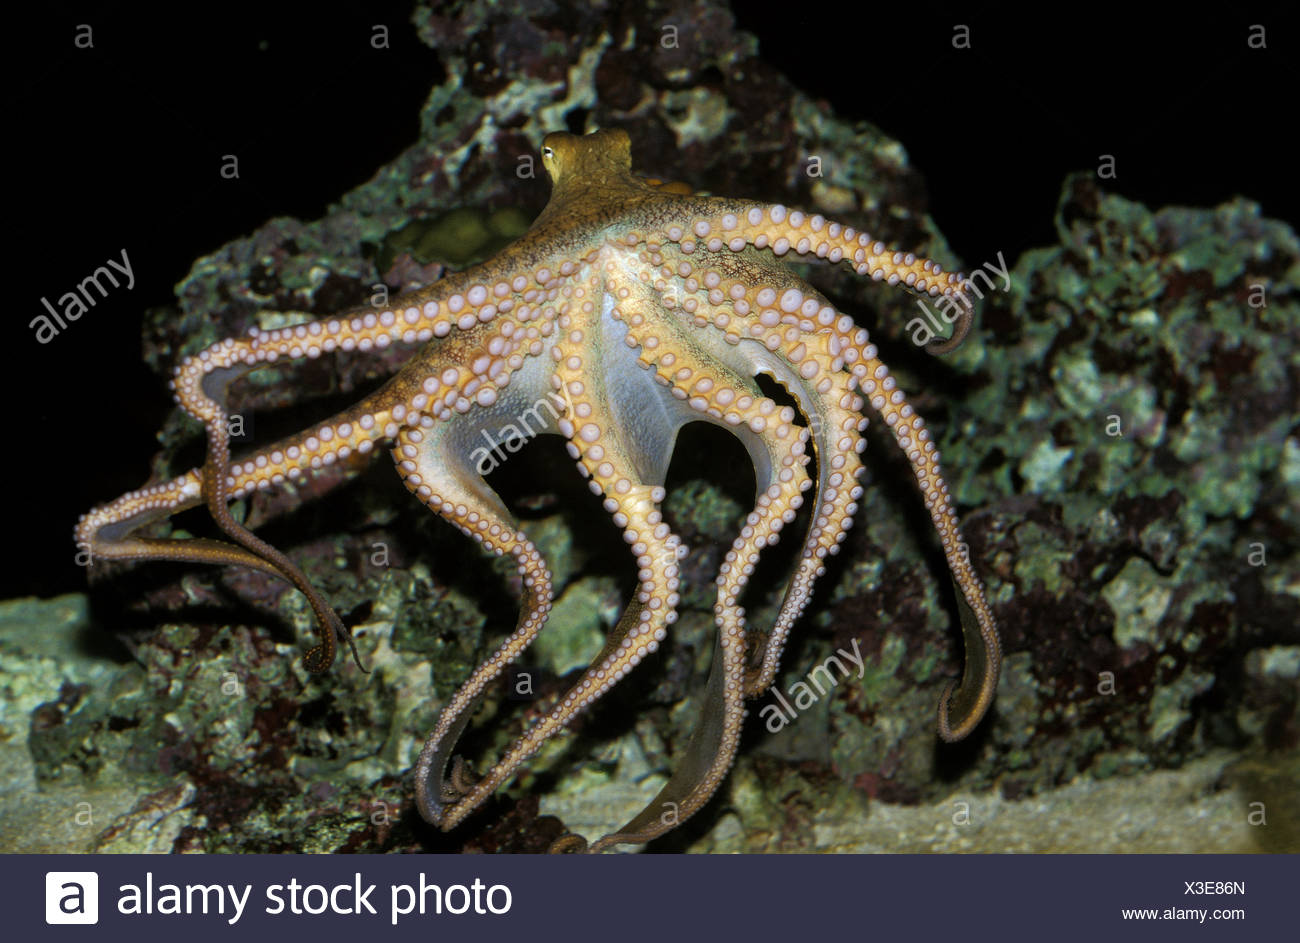 Ziemlich Tintenfisch Färbung Seite Bilder - Malvorlagen Von Tieren ...